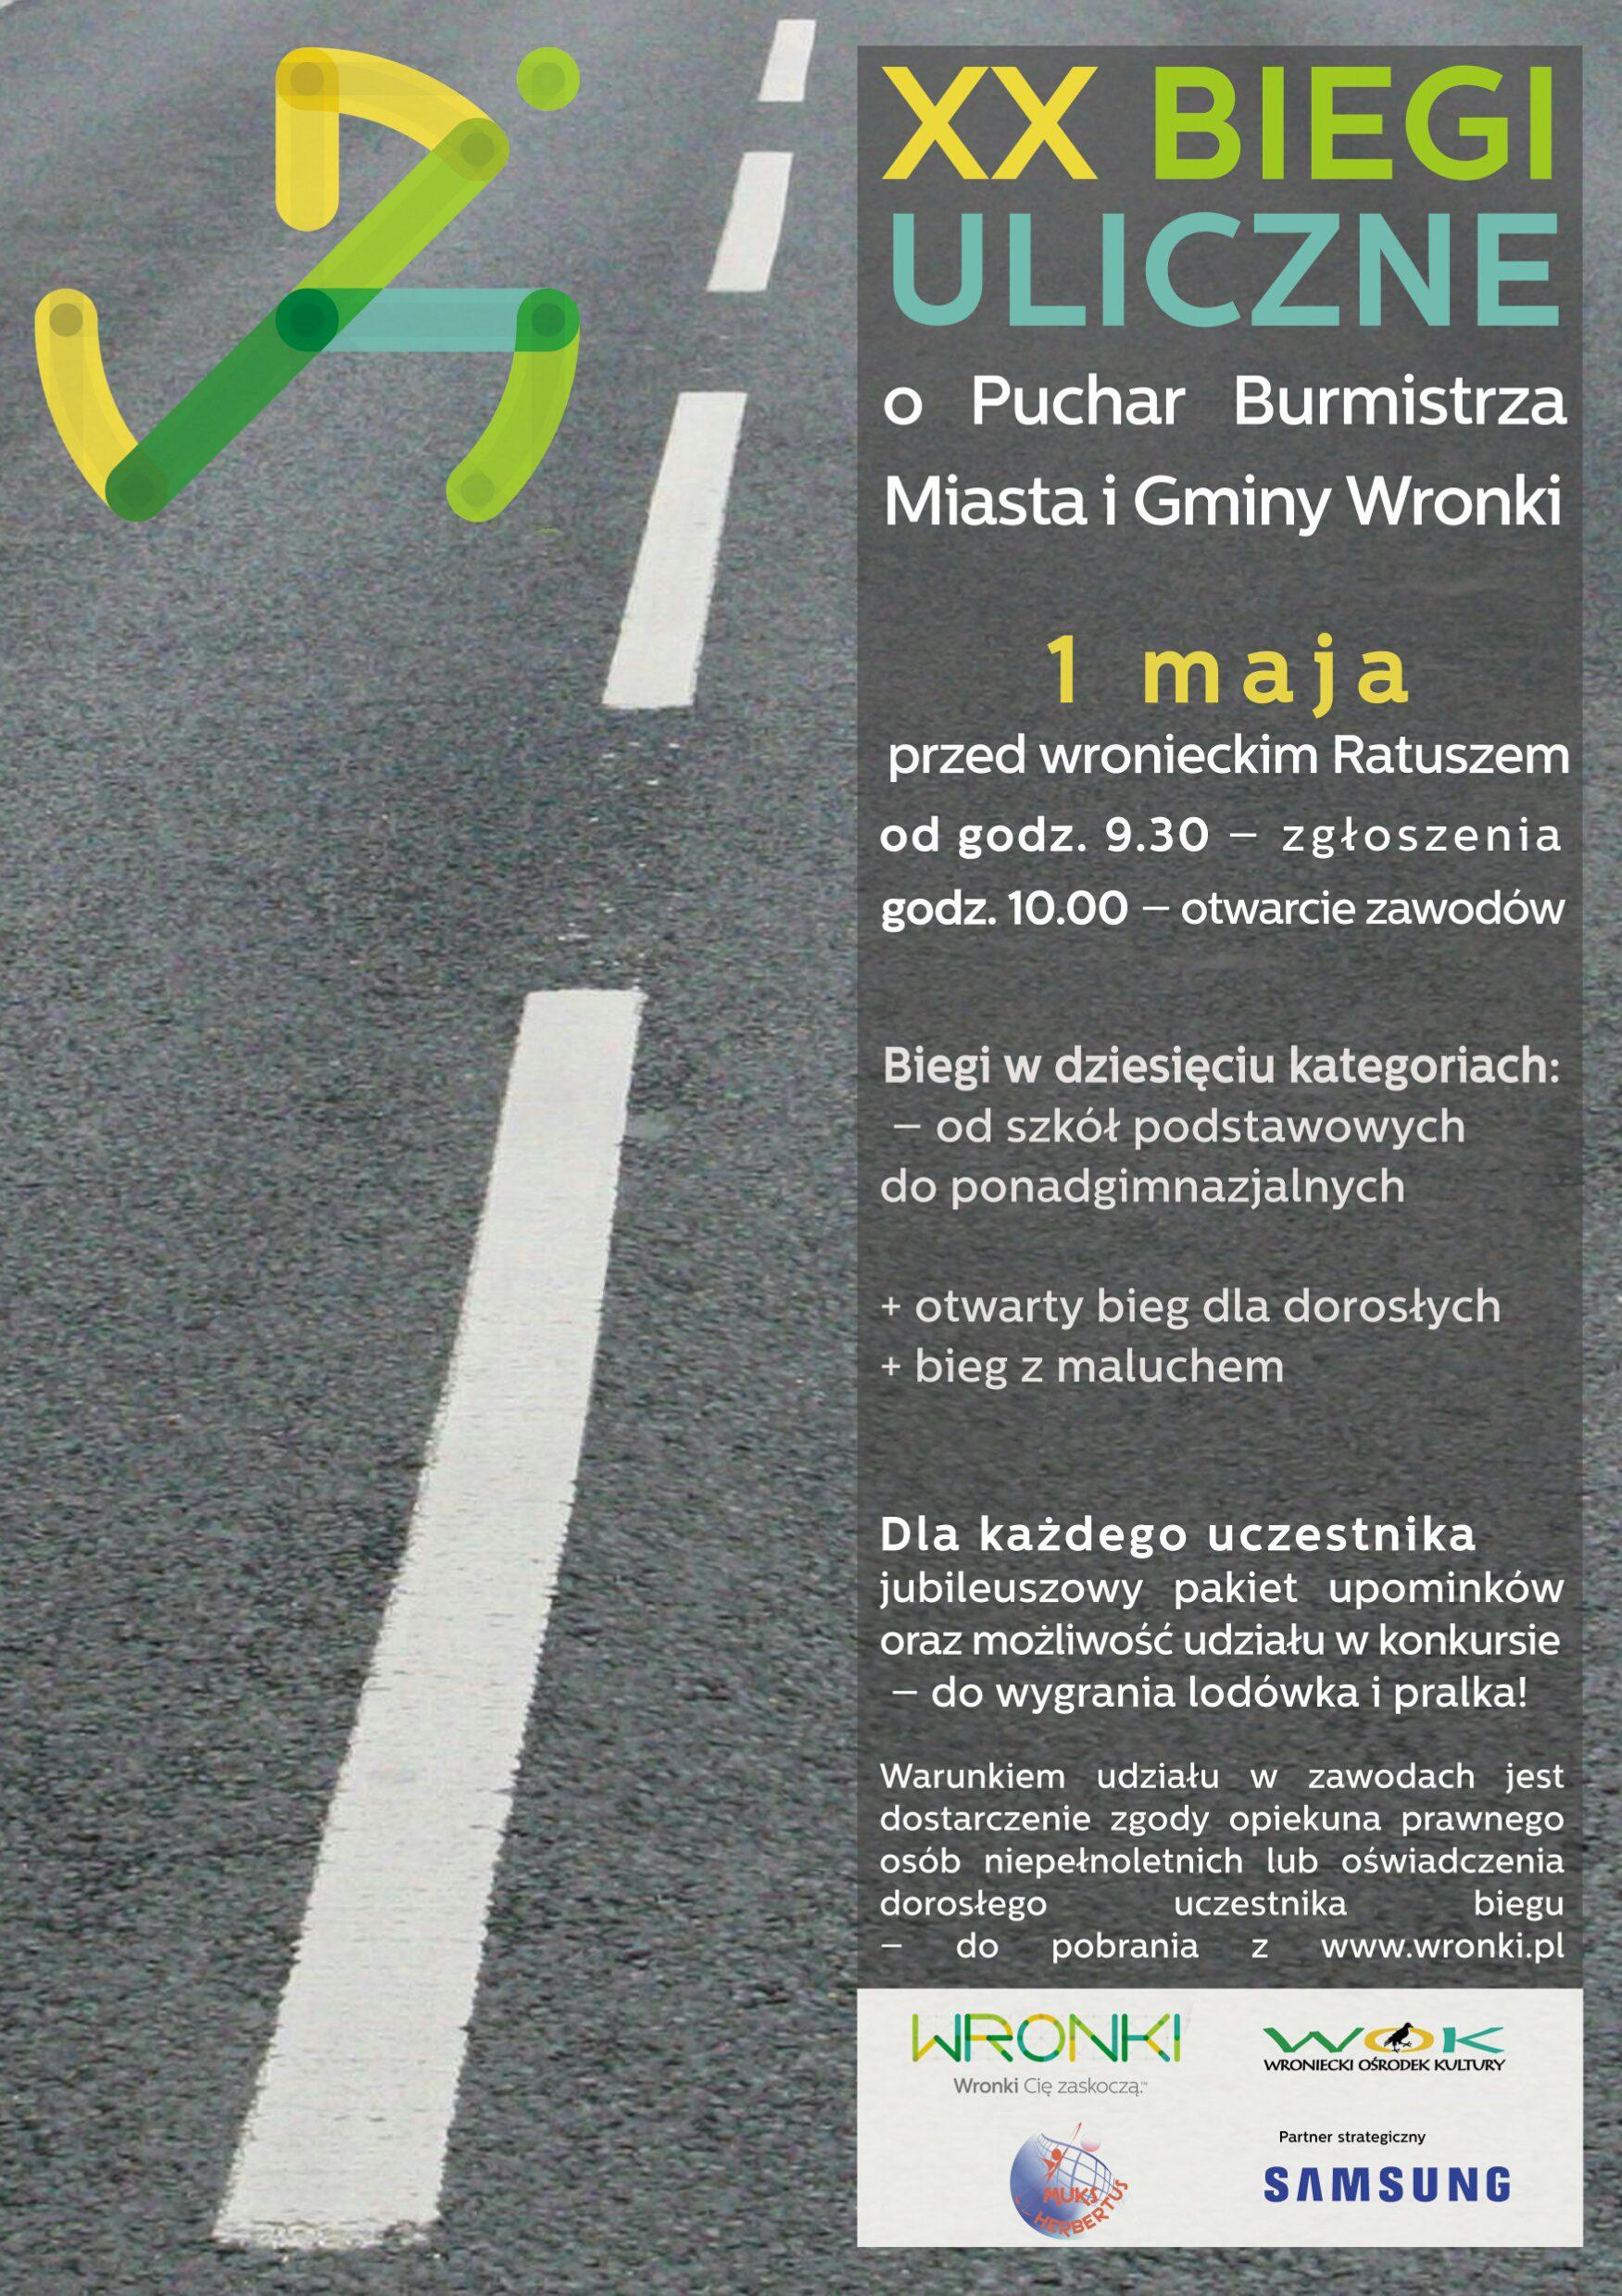 biegiB plakat ostateczny